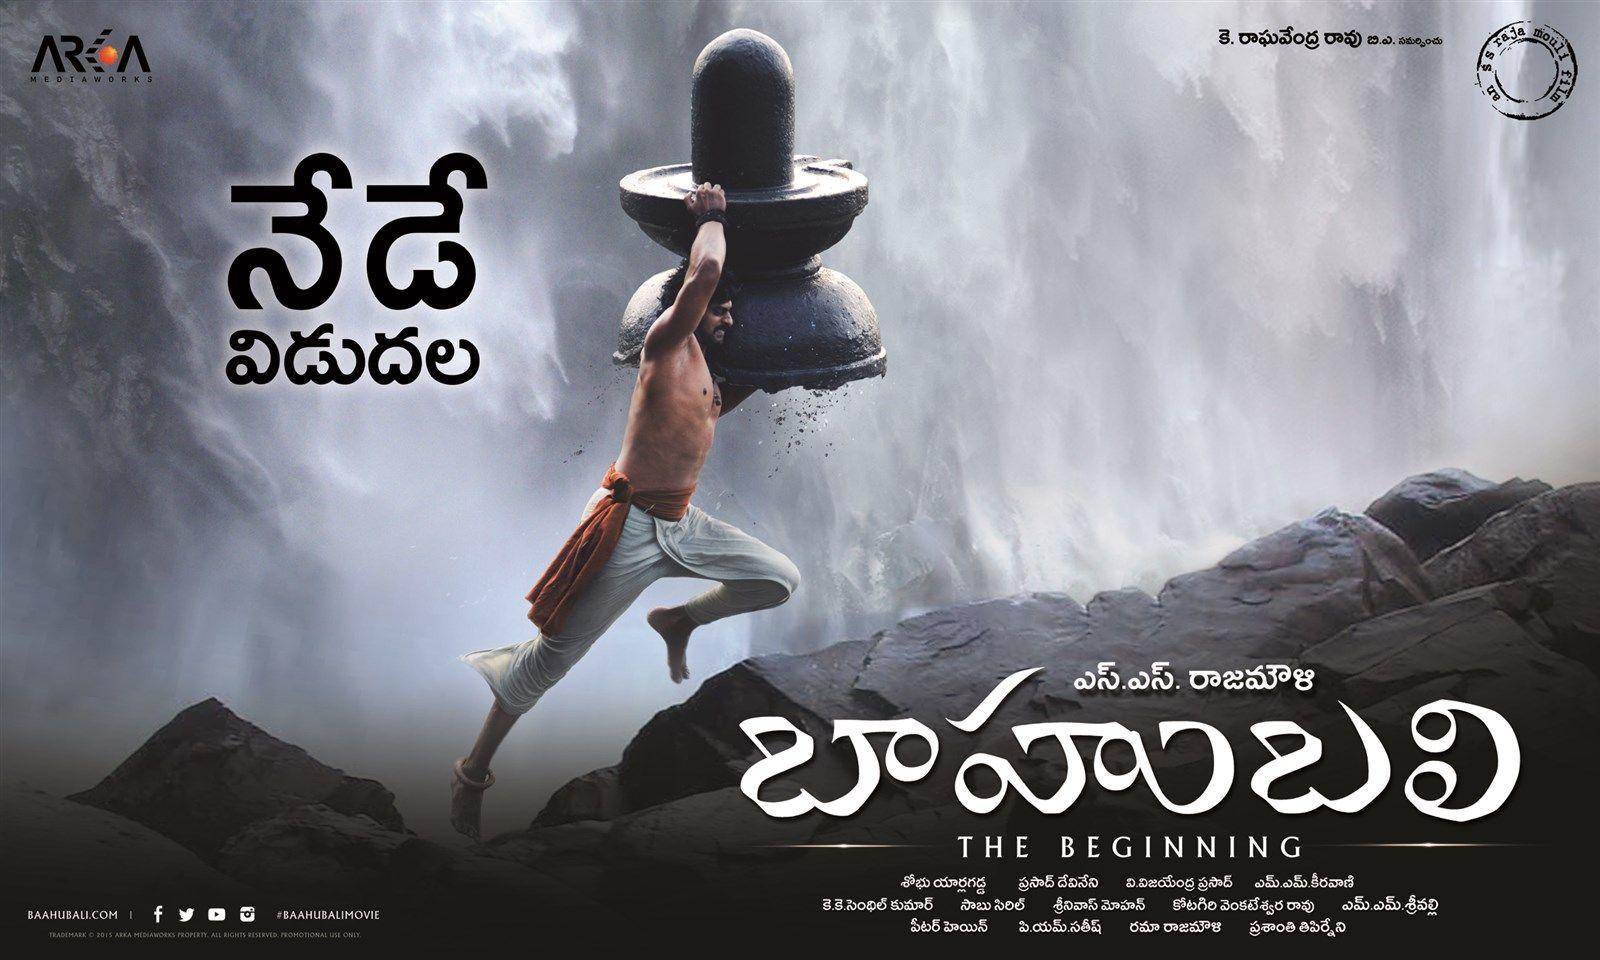 Baahubali movie release wallpapers